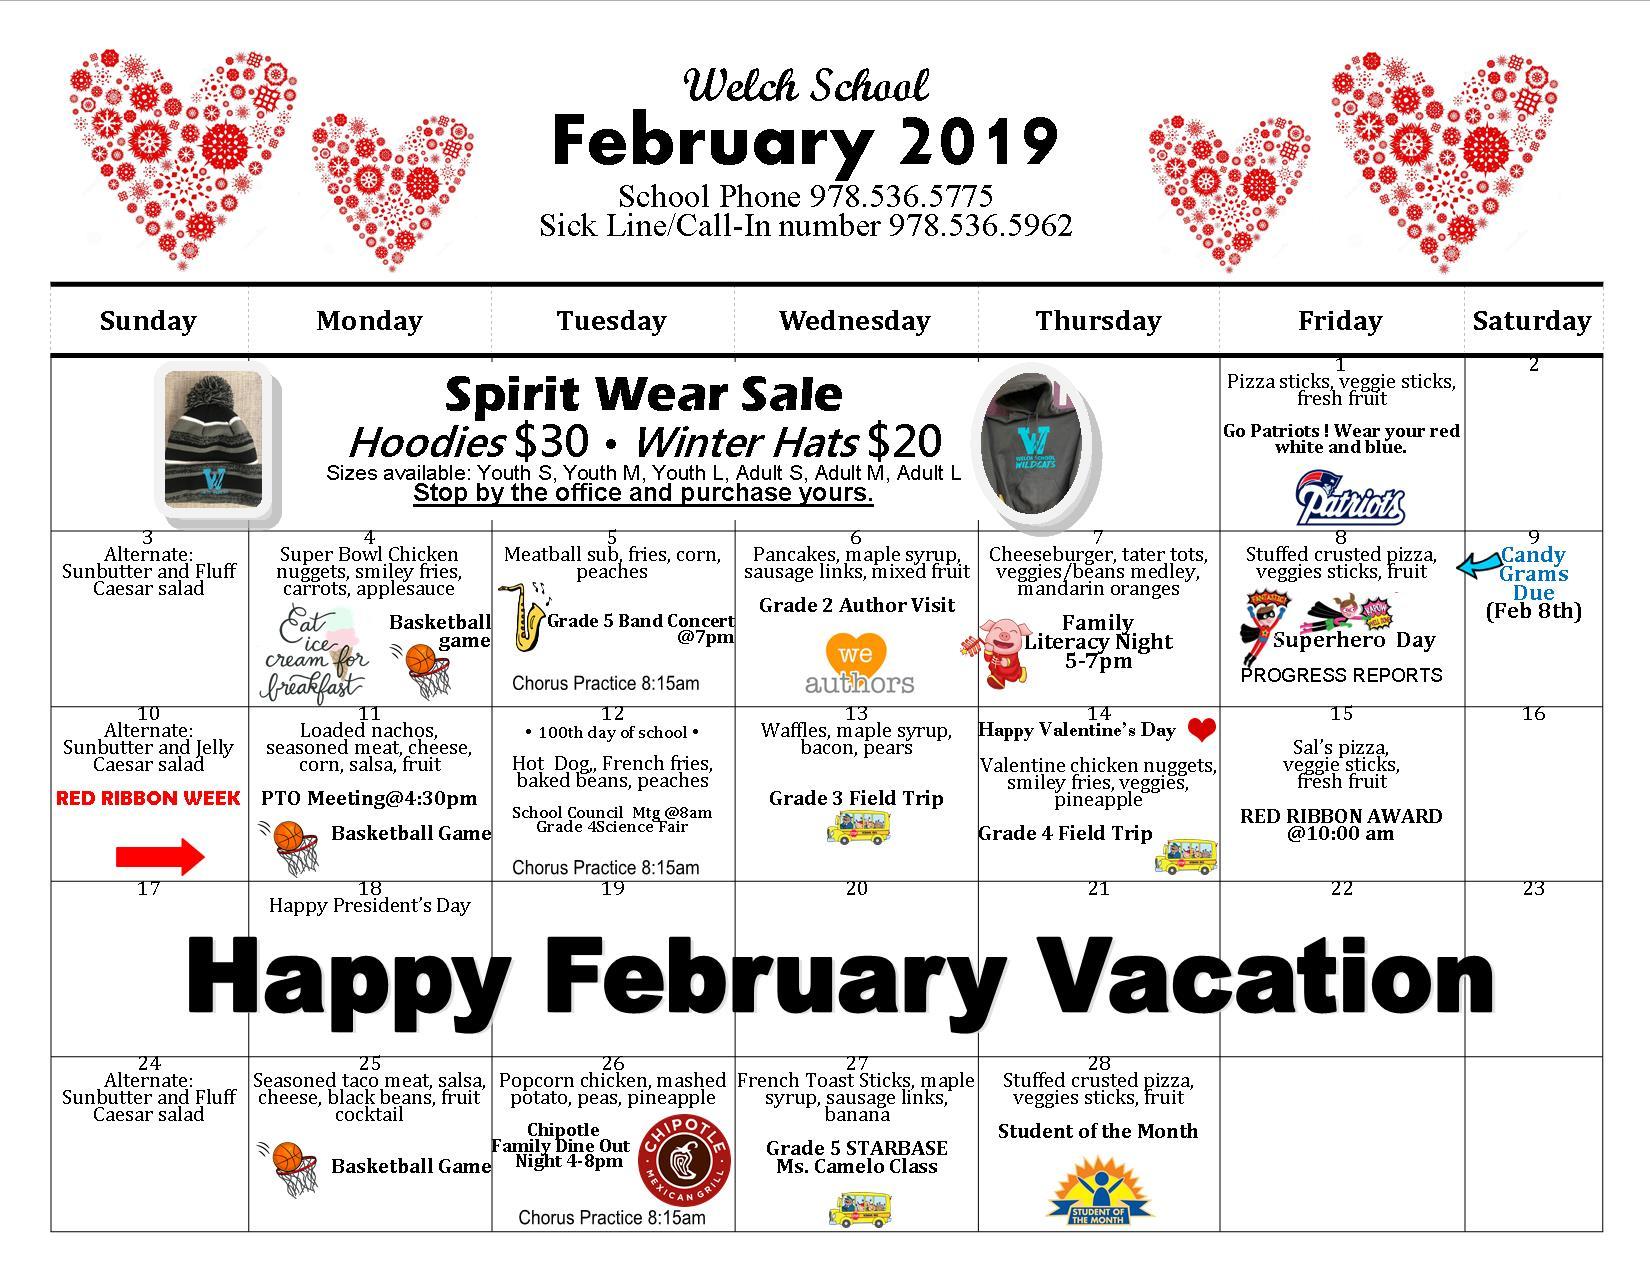 Elementary School February Calendar 2019 Welch School February Calendar : Peabody Public Schools